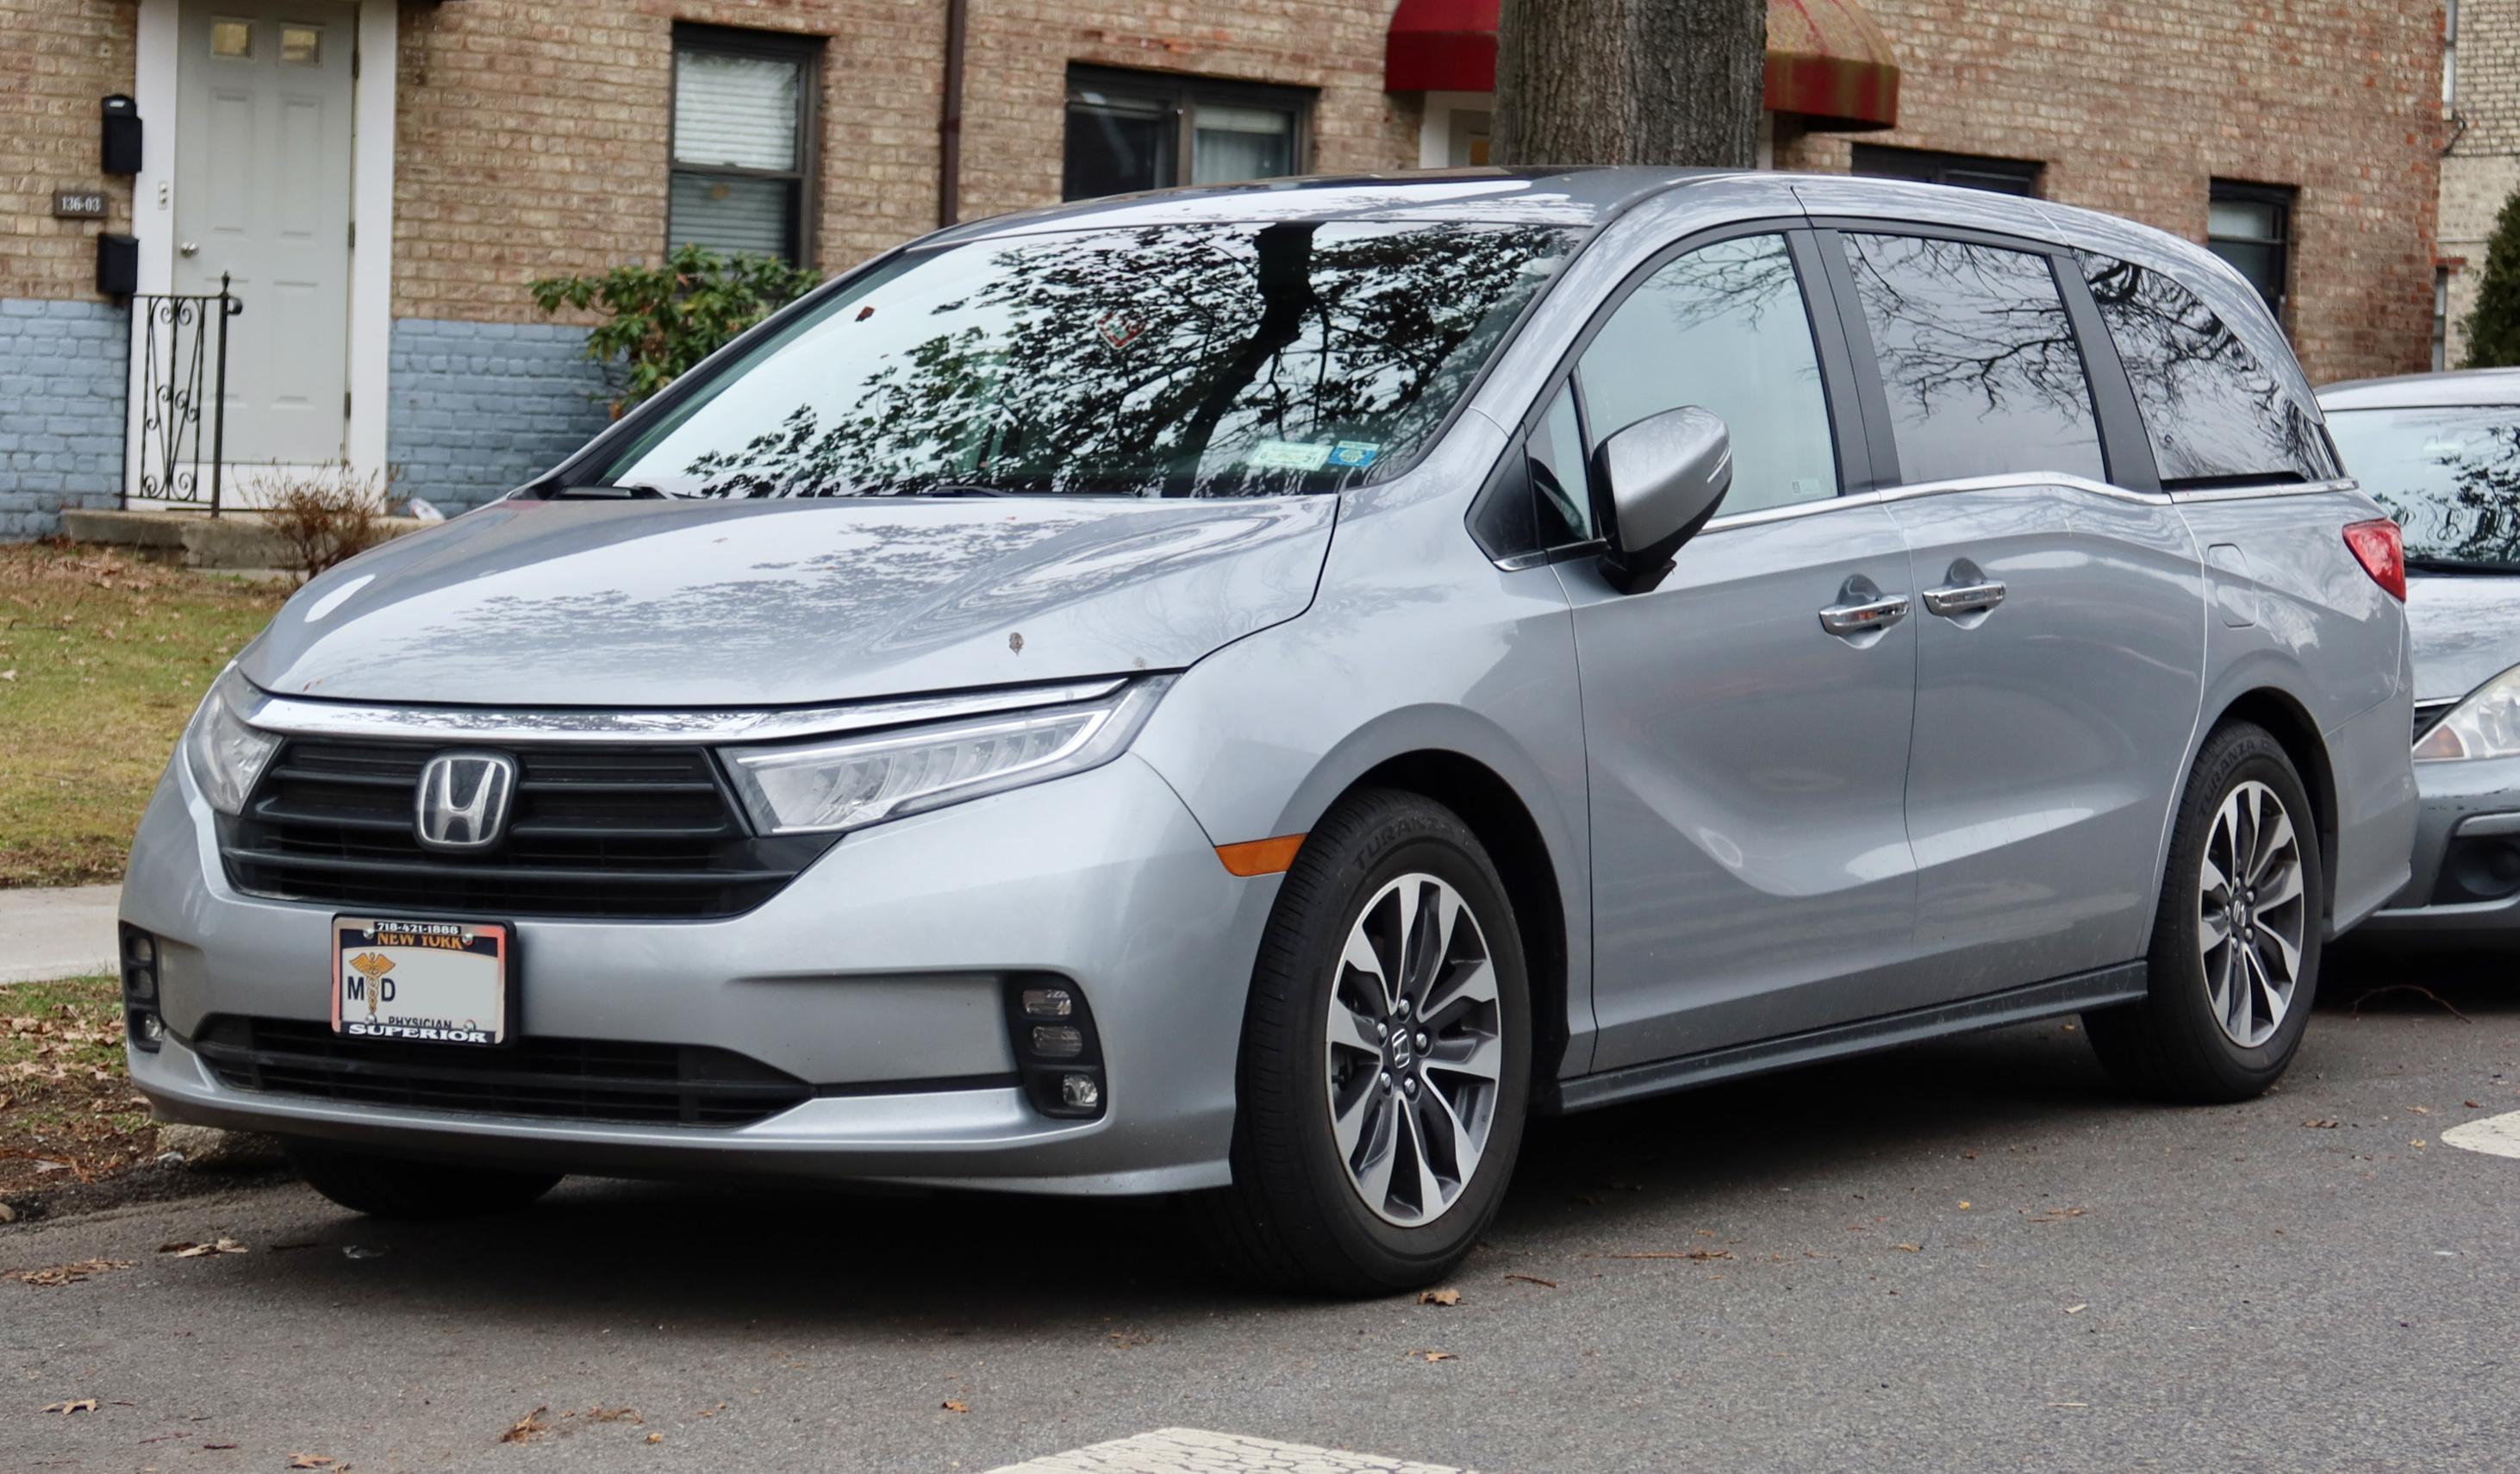 Silver Honda Odyssey parked on a street